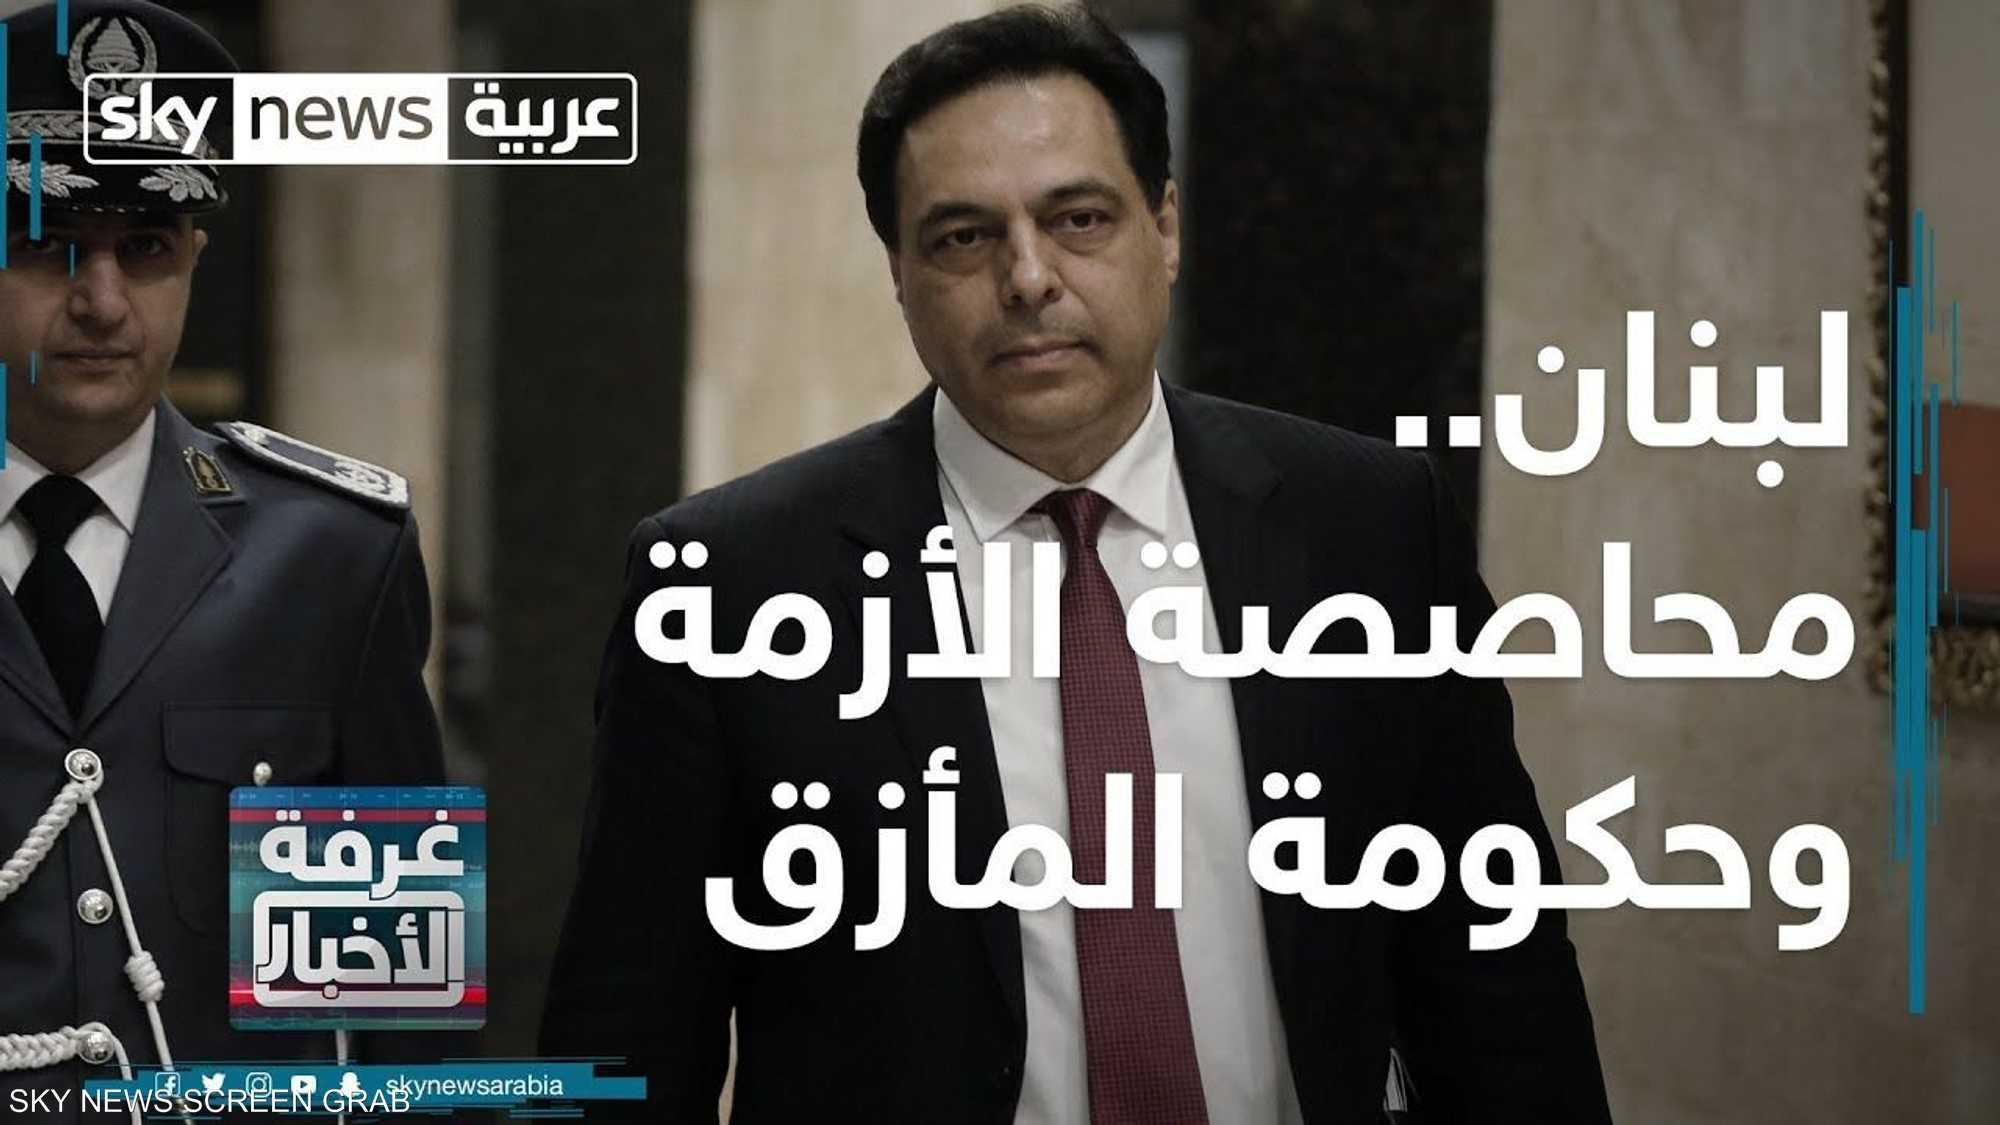 لبنان.. محاصصة الأزمة وحكومة المأزق